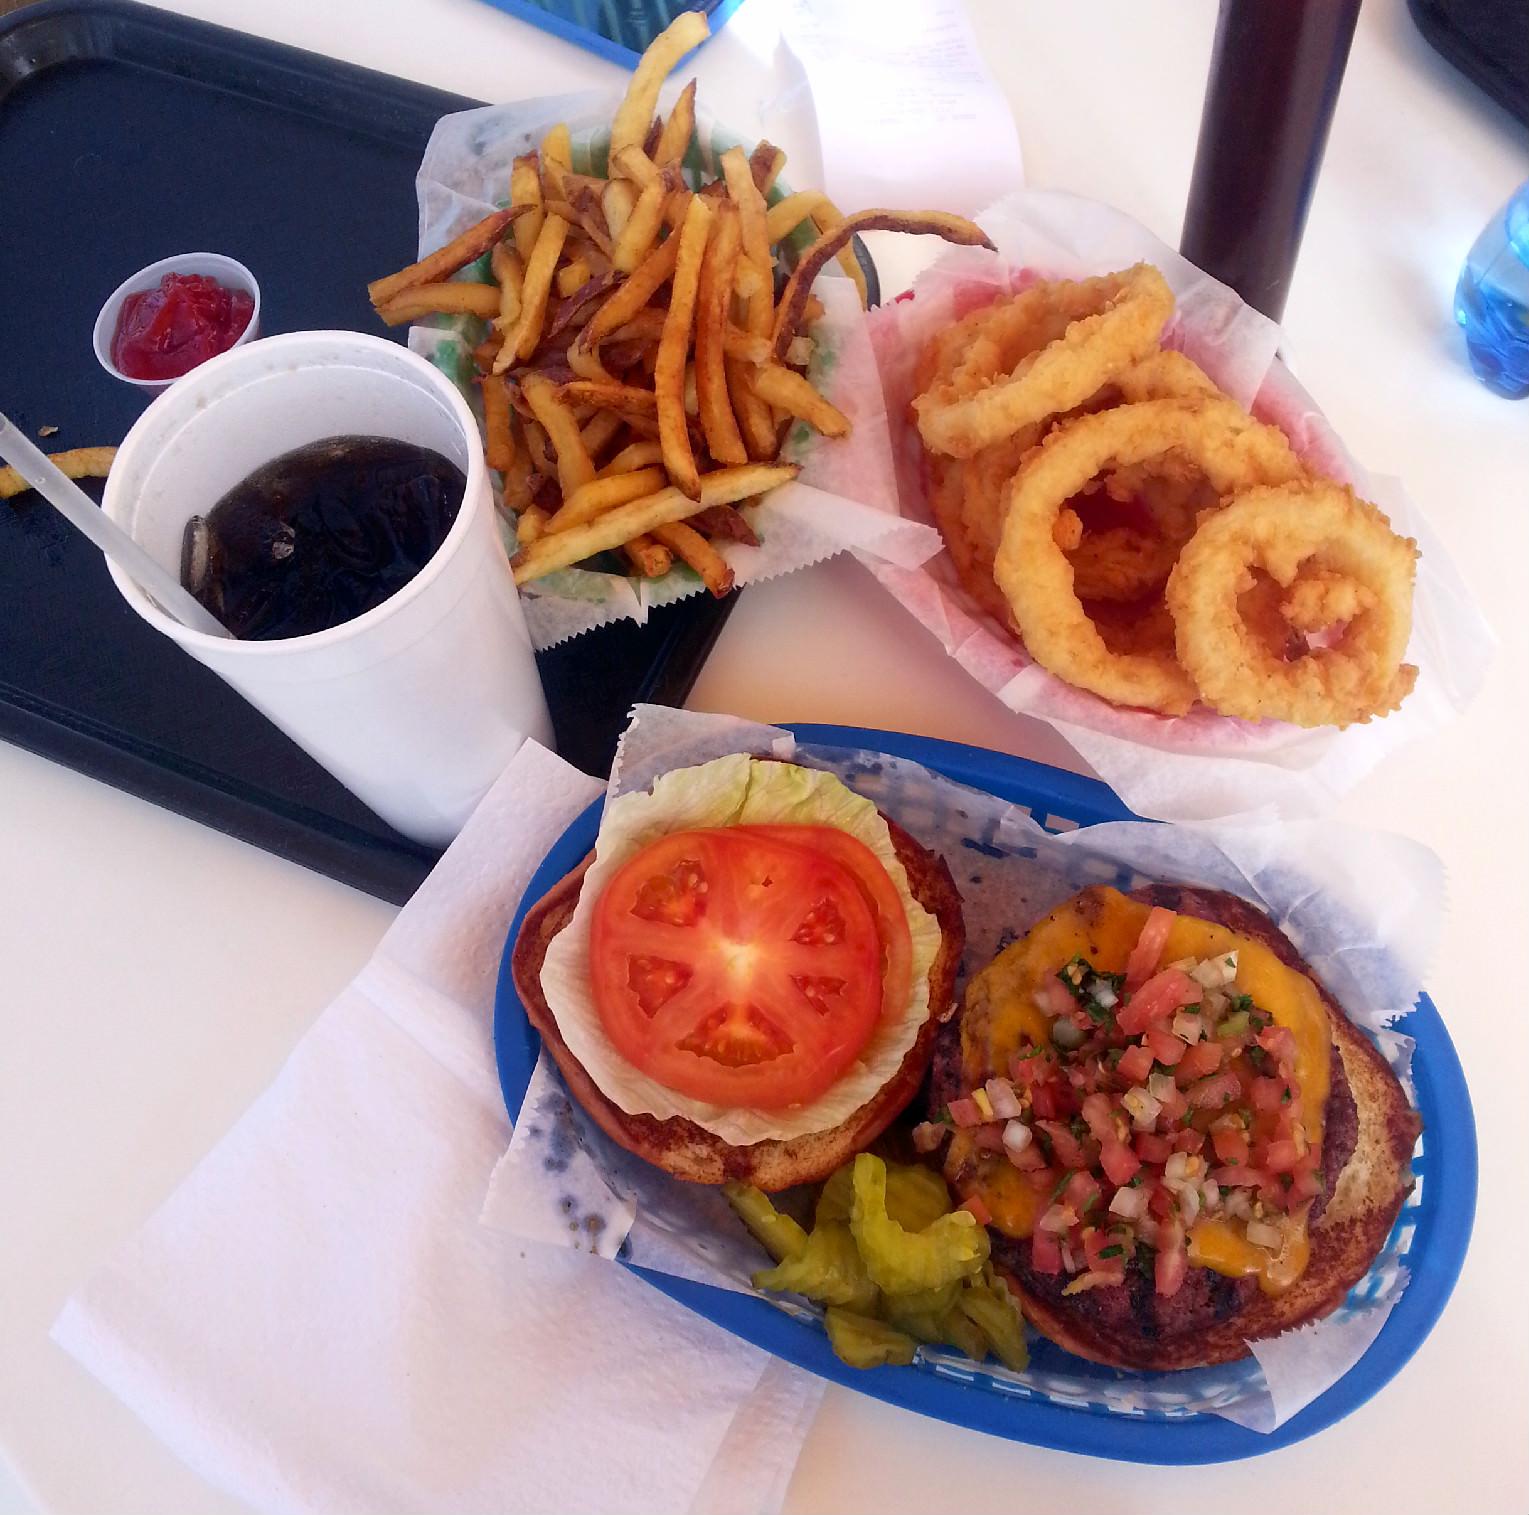 Taqueria Burger